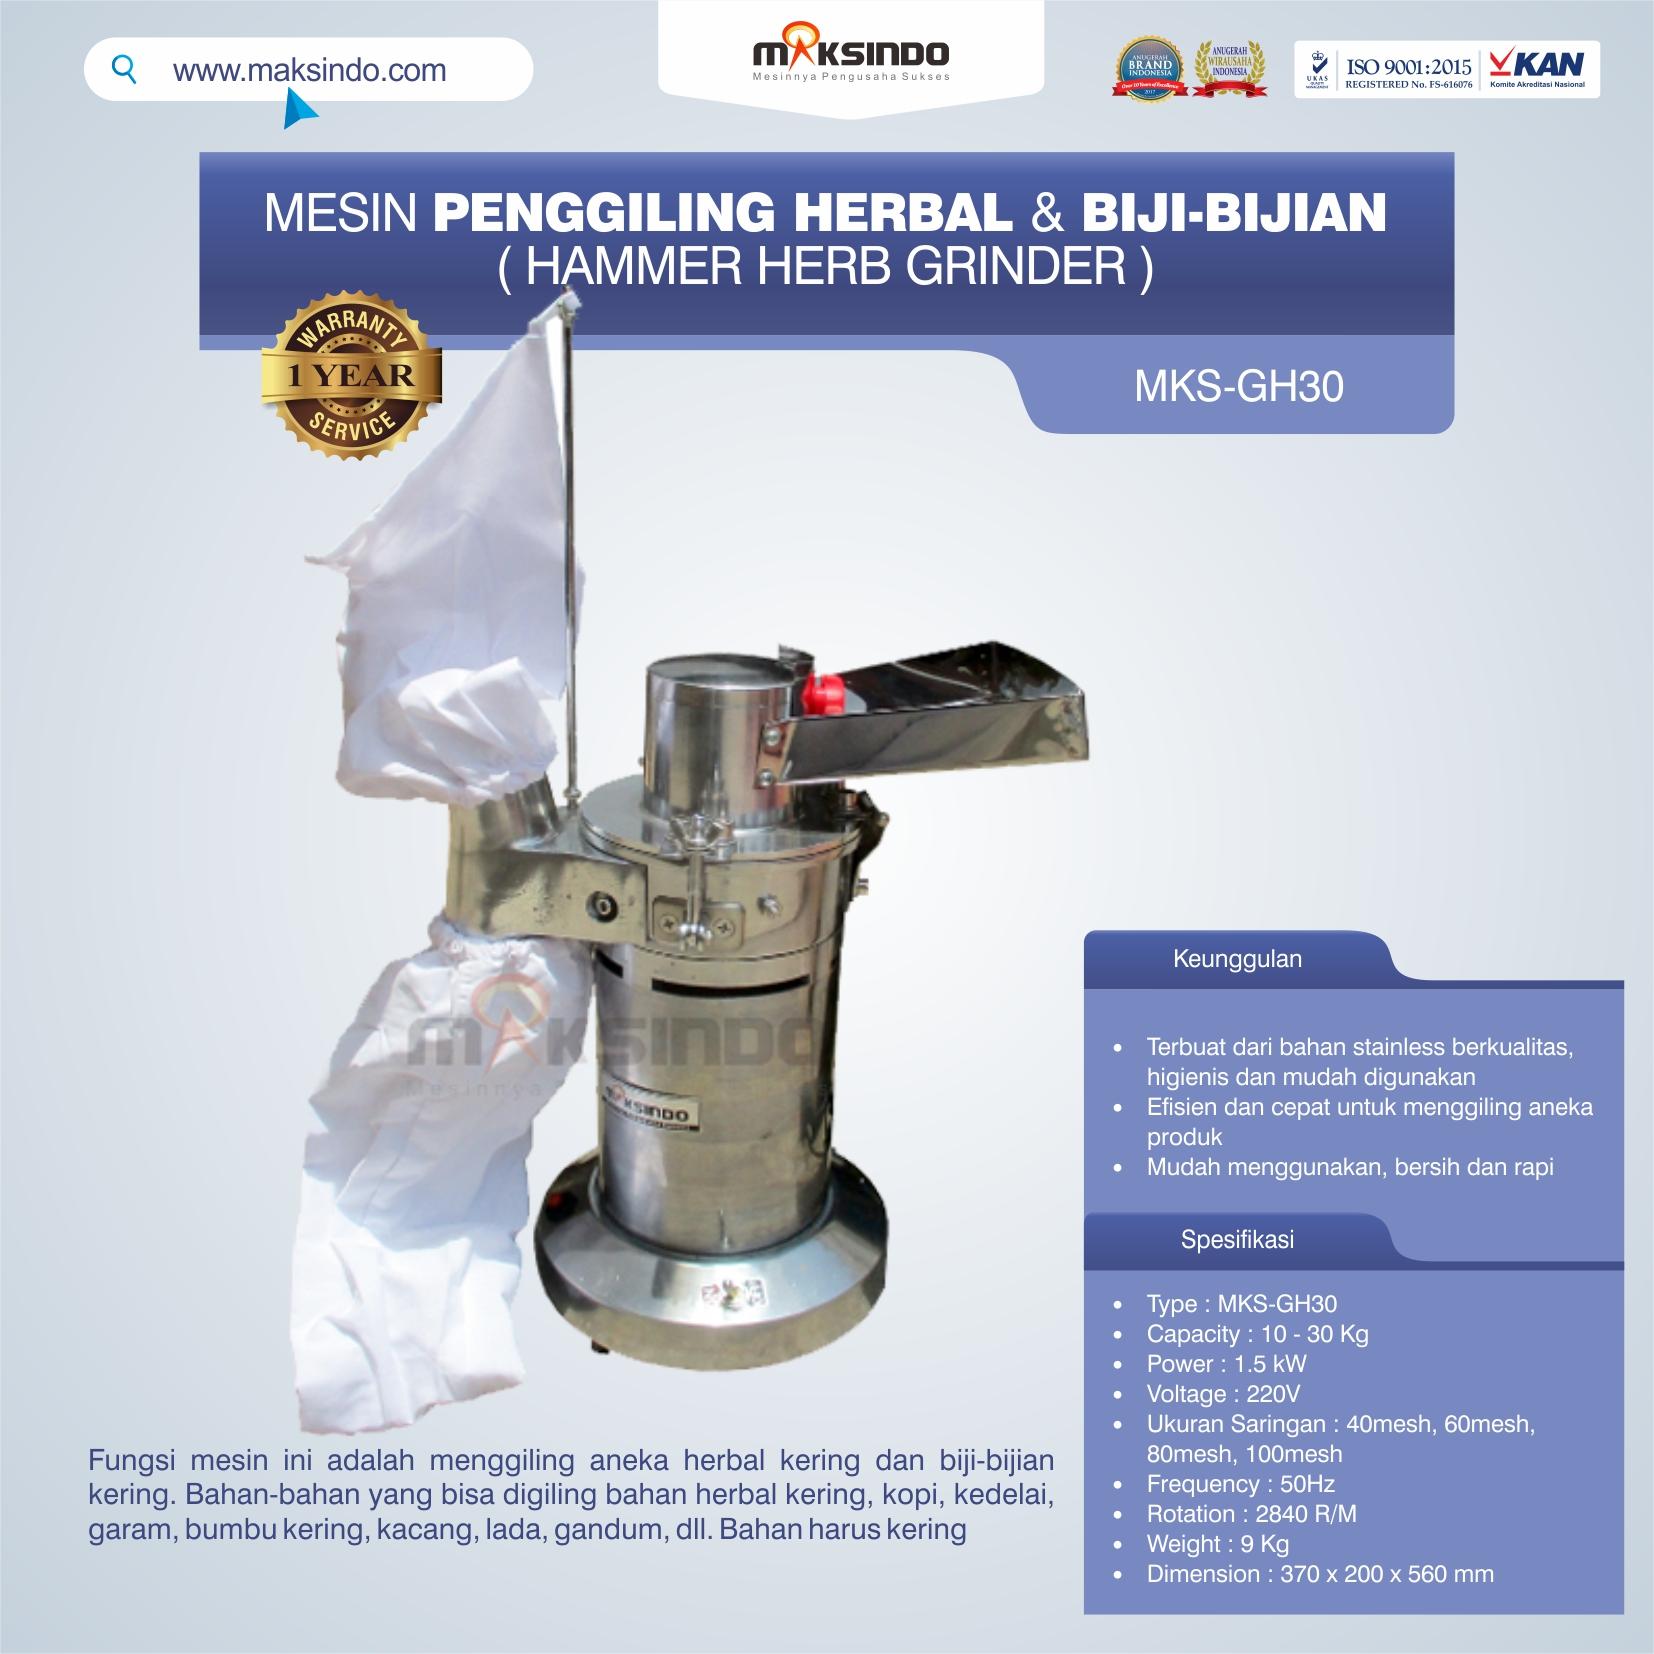 Jual Penggiling Herbal dan Biji-Bijian (GH-30) di Pekanbaru